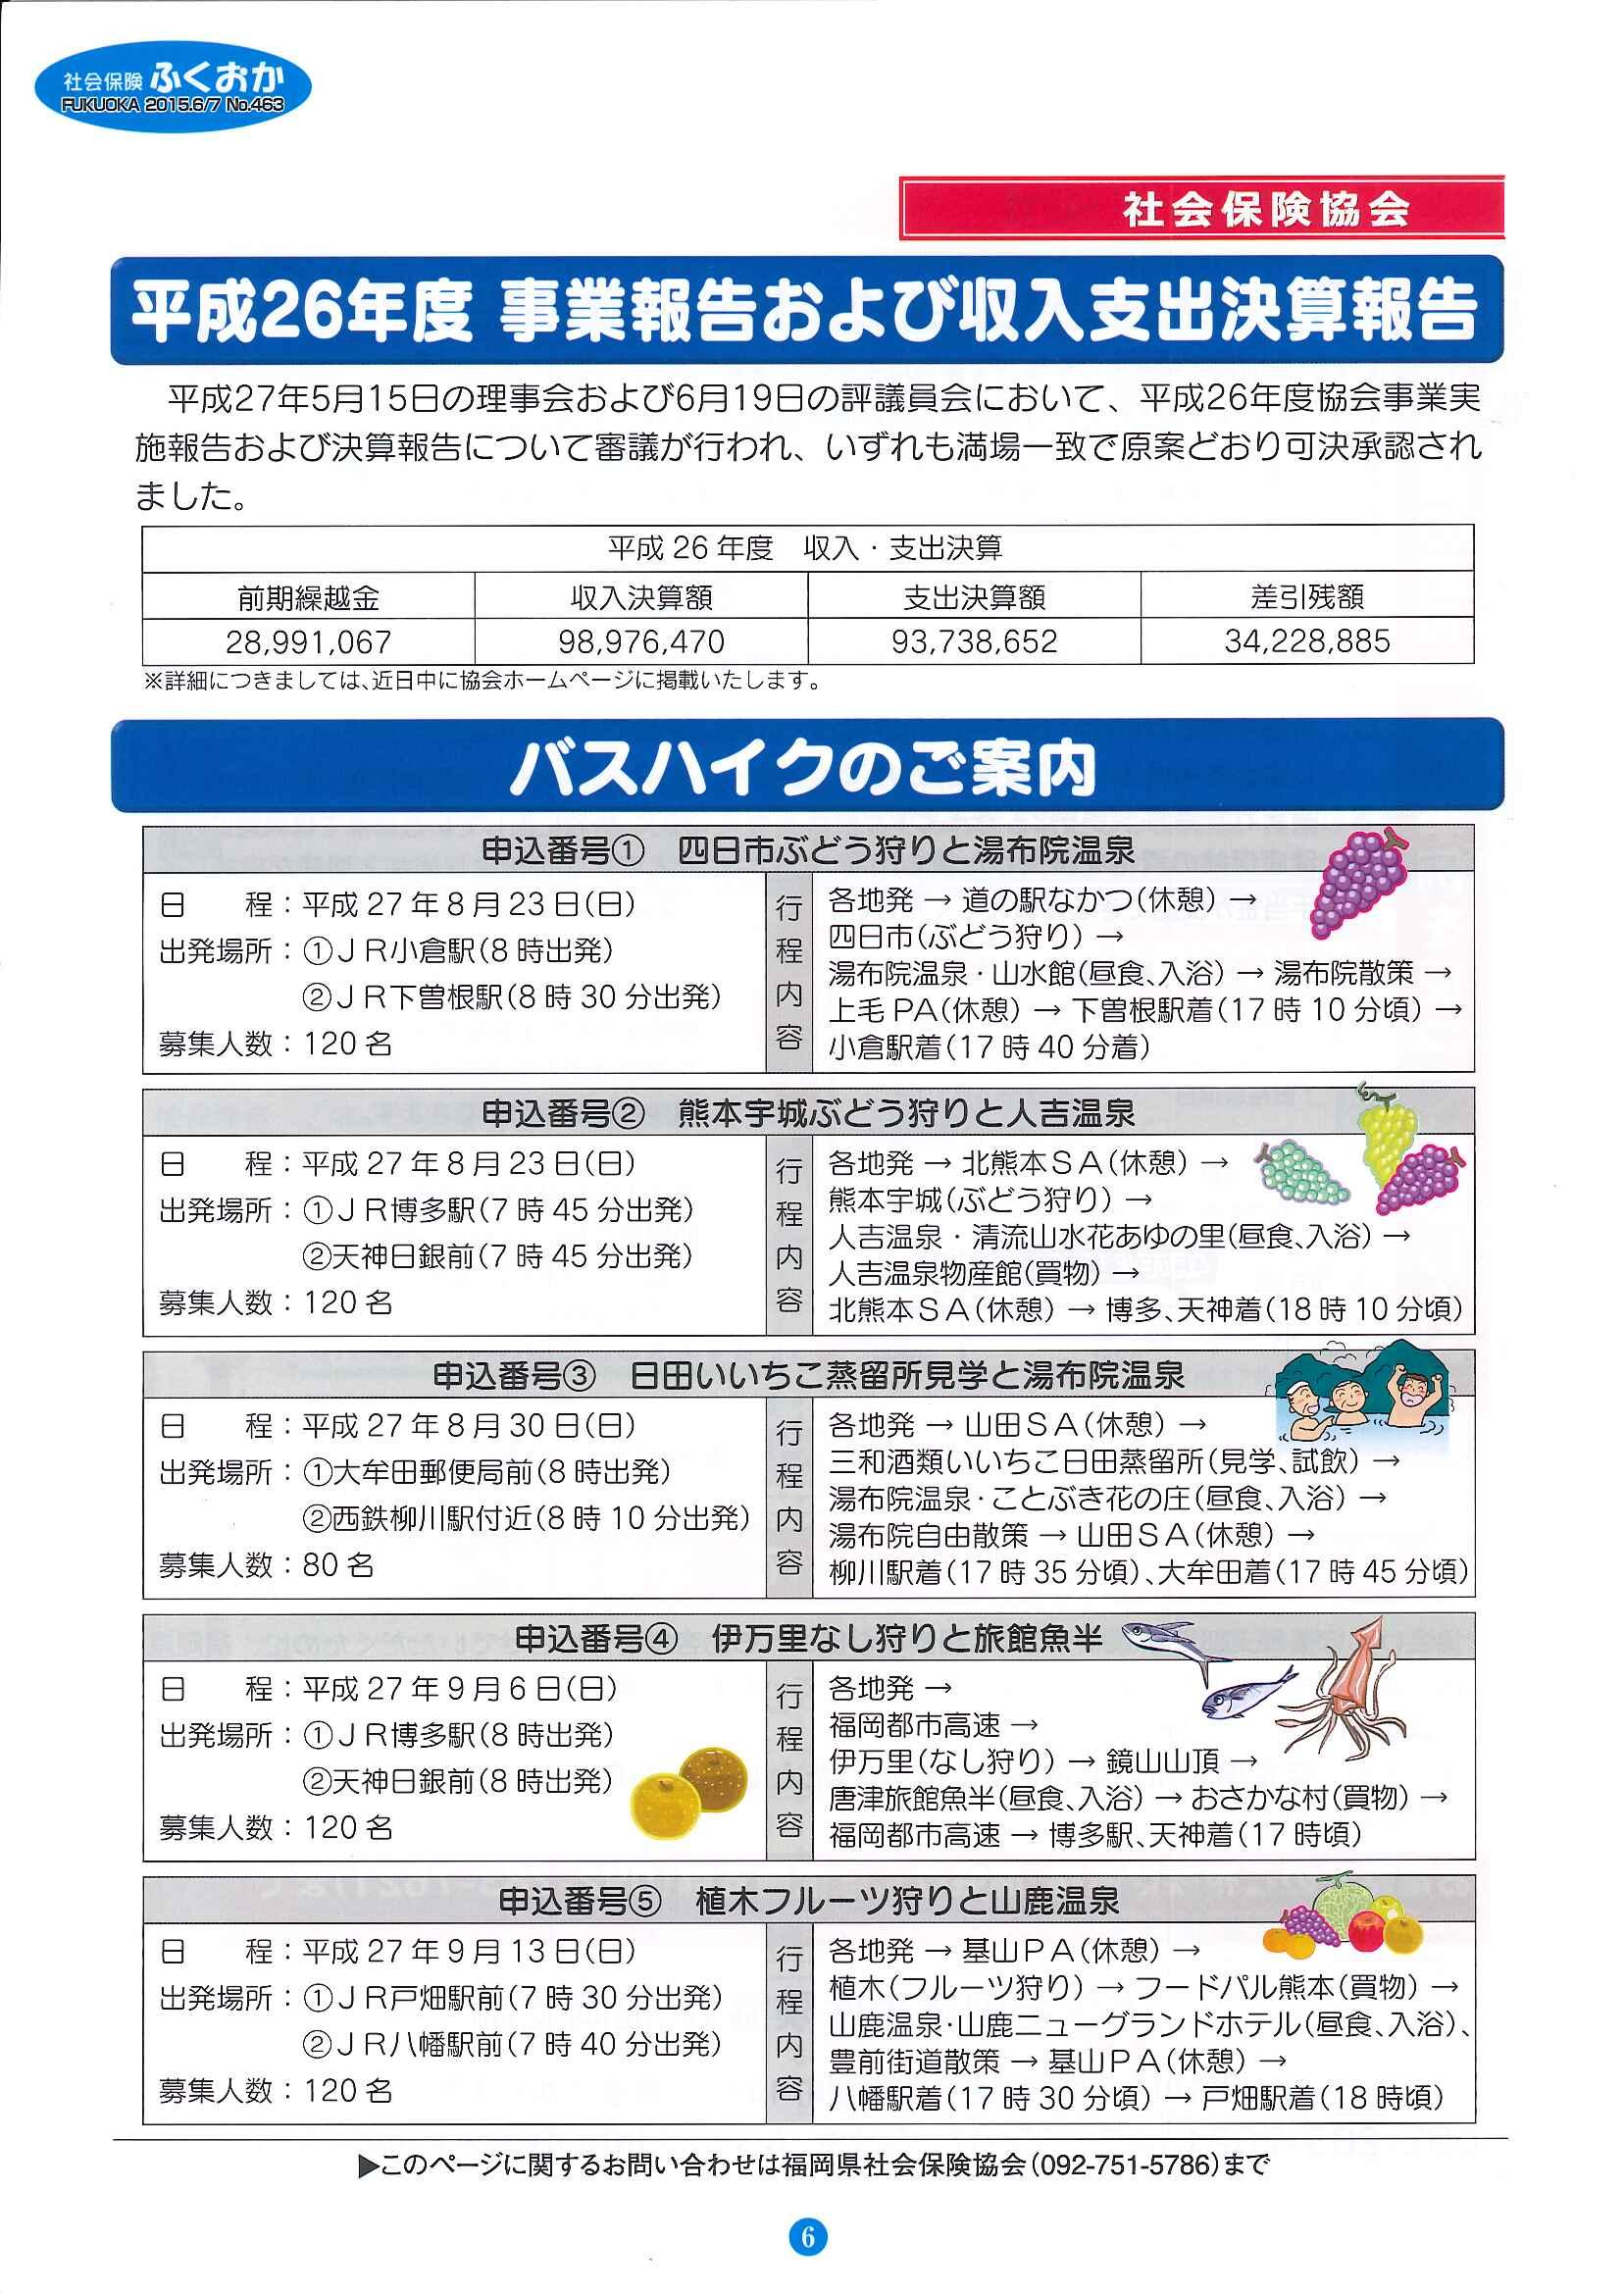 社会保険 ふくおか 2015年6・7月号_f0120774_1582459.jpg